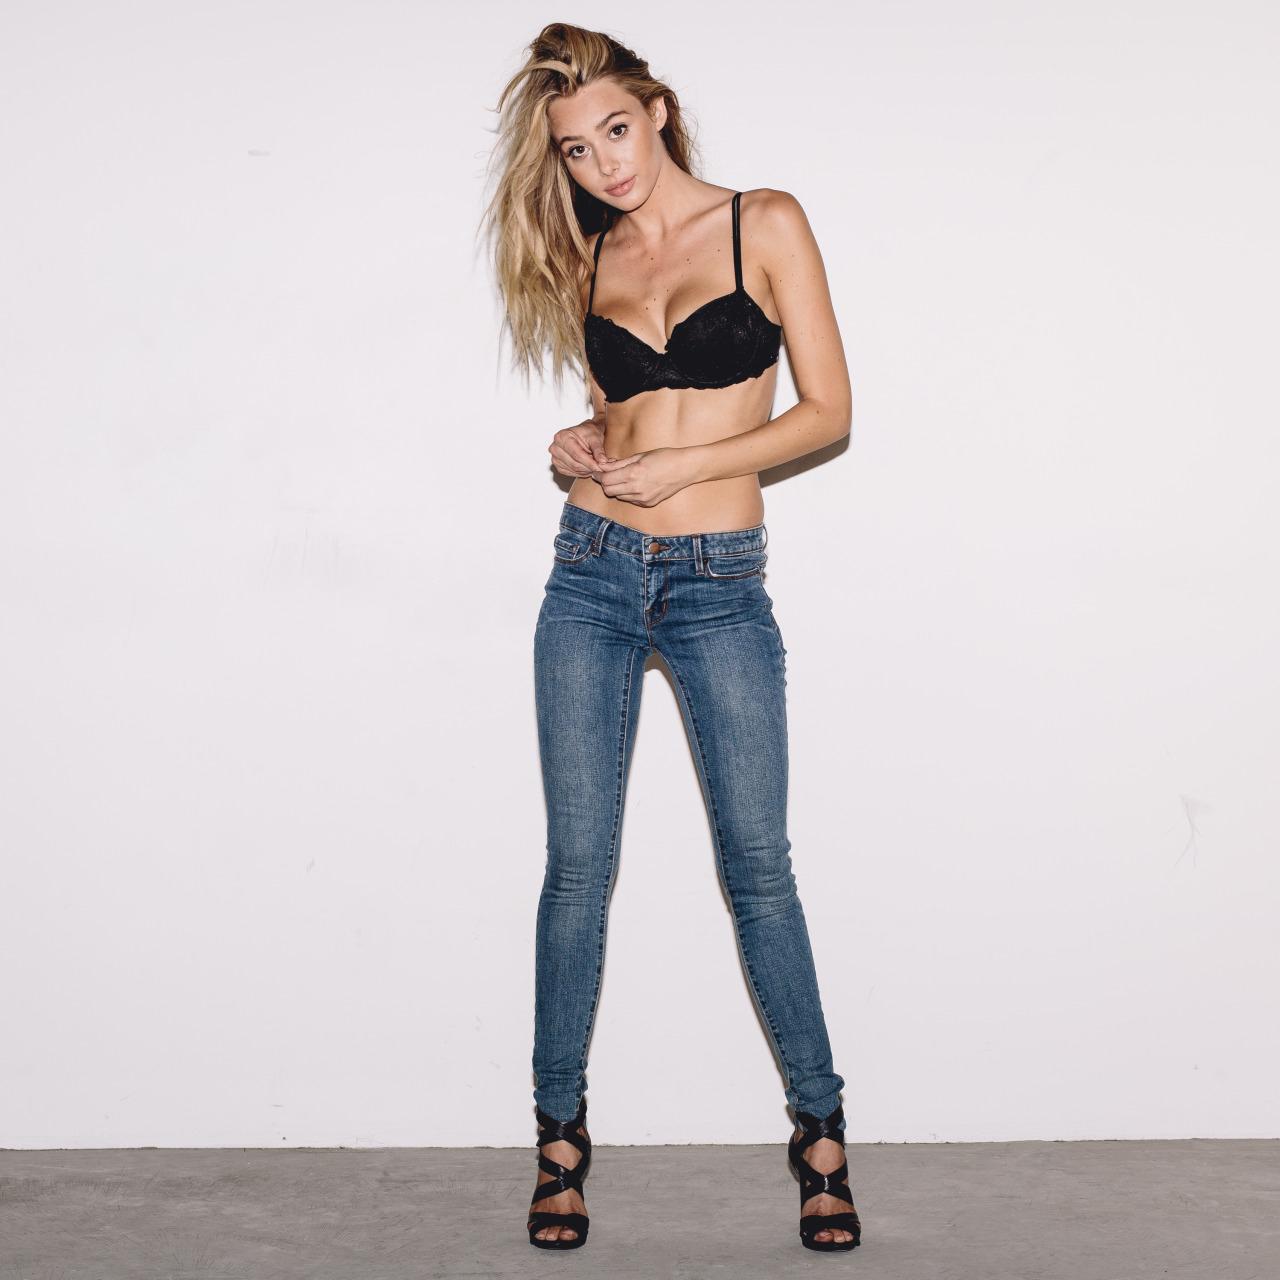 Pussy April Love nude (13 foto and video), Tits, Bikini, Twitter, bra 2020